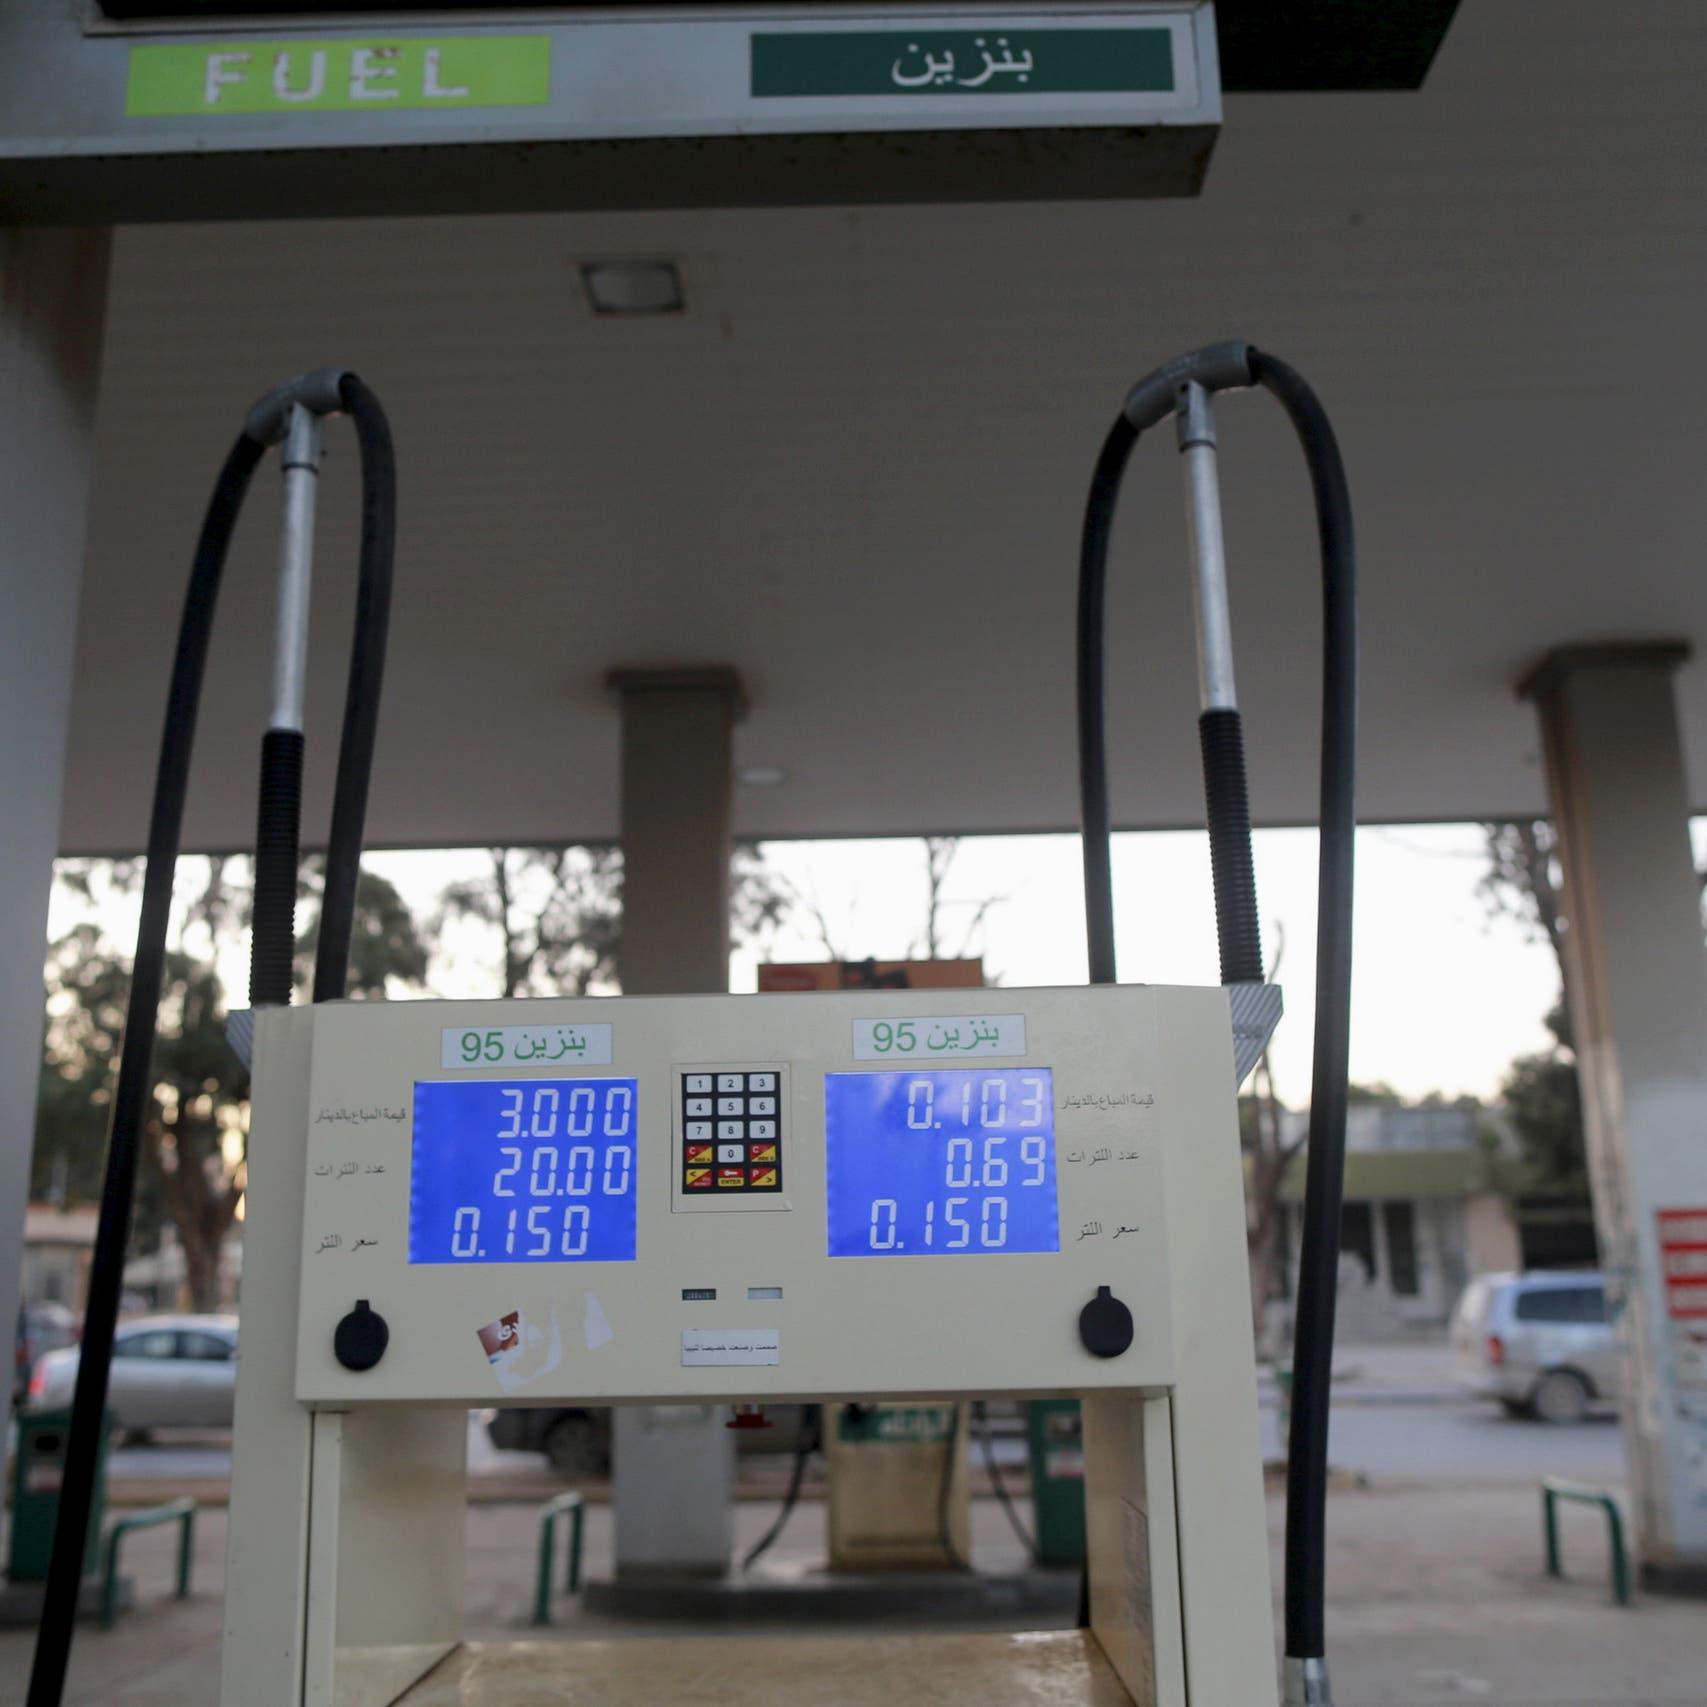 ليبيا.. أوامر بملاحقة 103 متورطين في تهريب الوقود